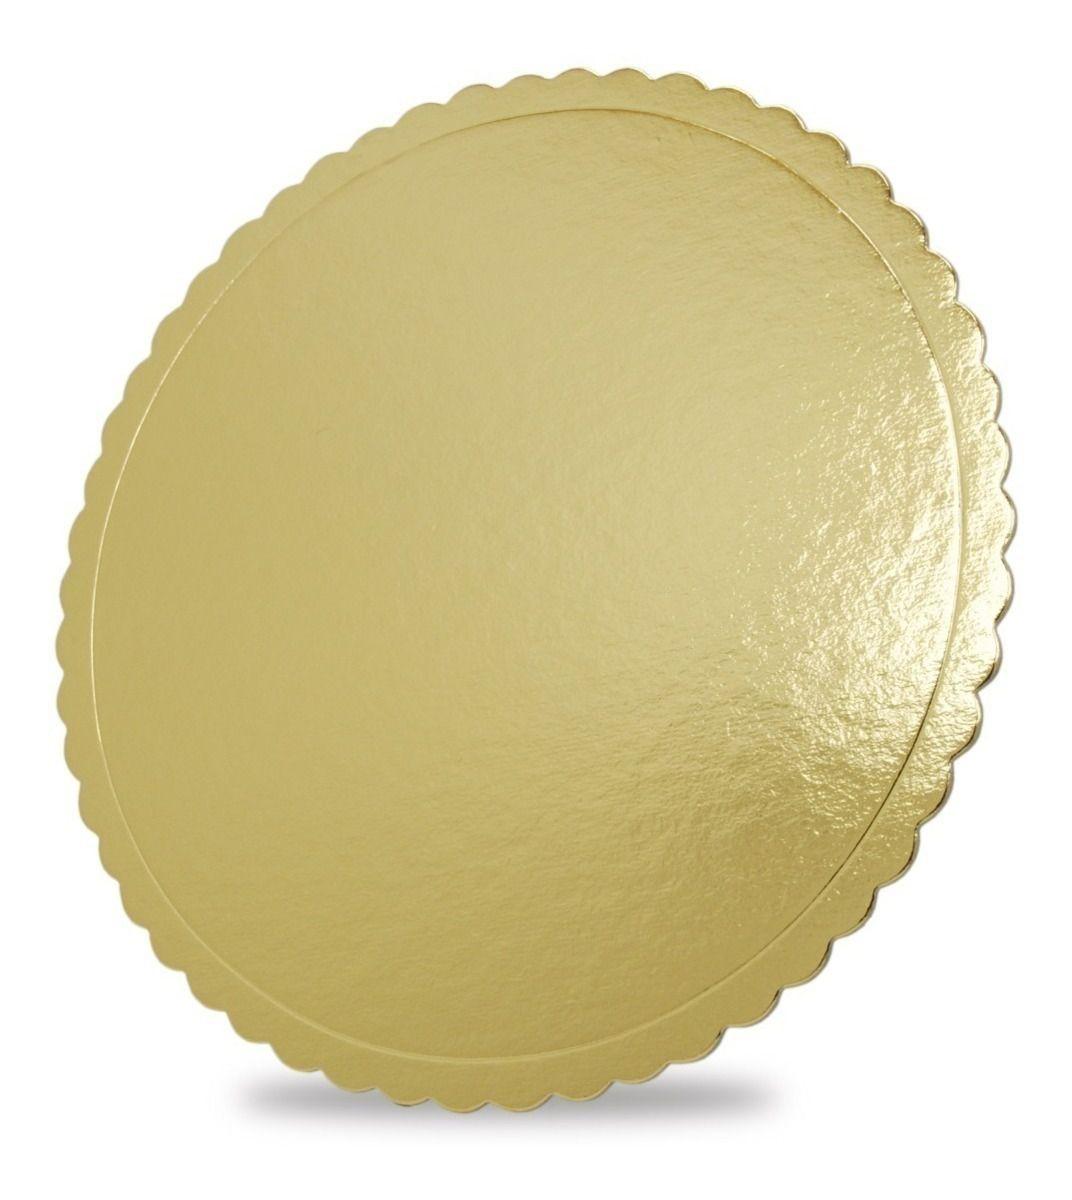 Base para Bolo Cakeboard Papieri Dourado 32 cm - unidade